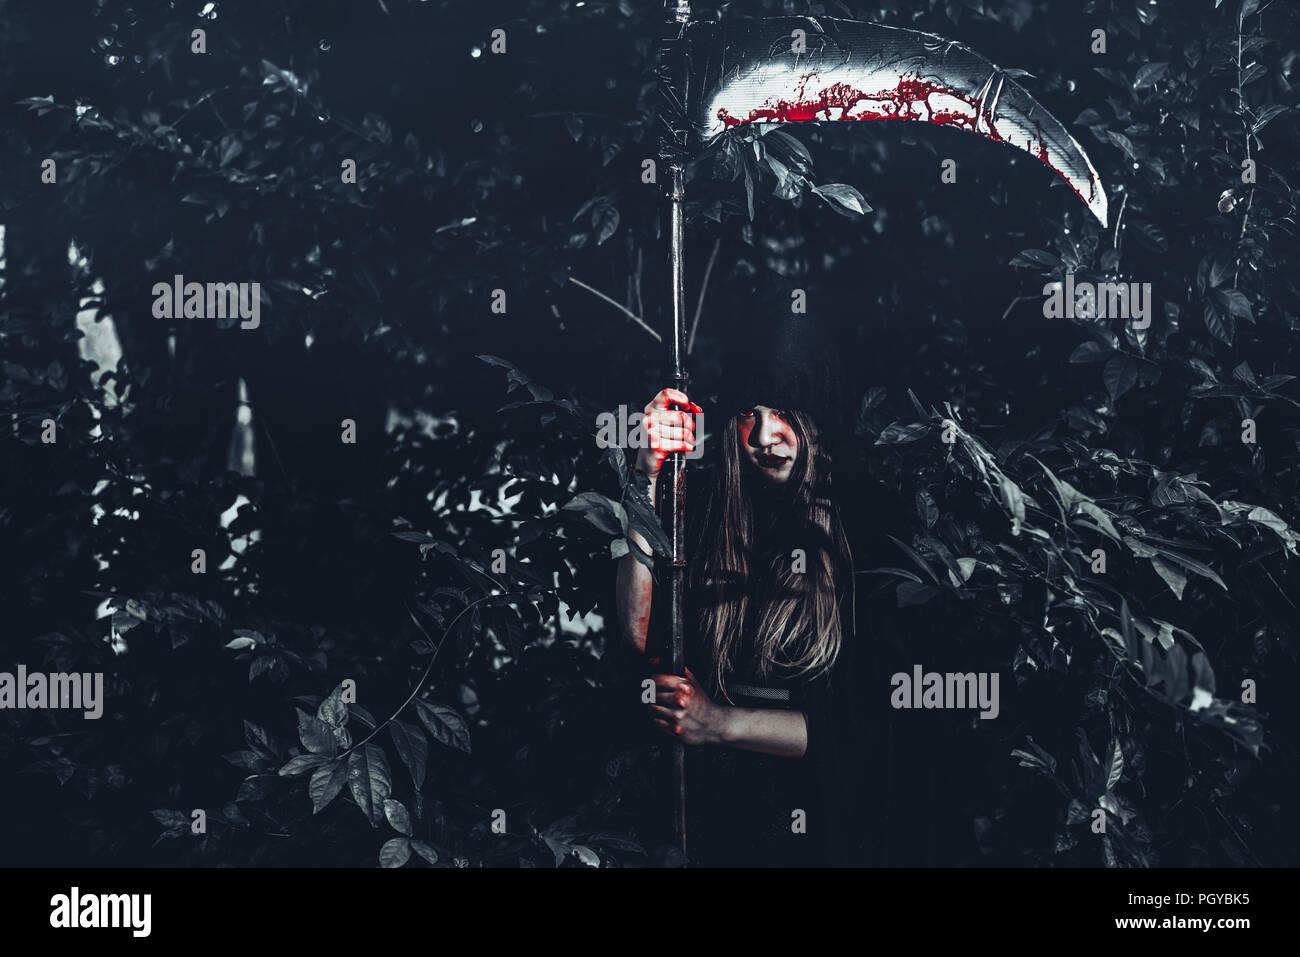 Demone femminile strega con sanguinosa reaper in piedi nella parte anteriore del mistero sullo sfondo della foresta. Halloween e la concezione religiosa. Demon angel e tema di Satana. Immagini Stock